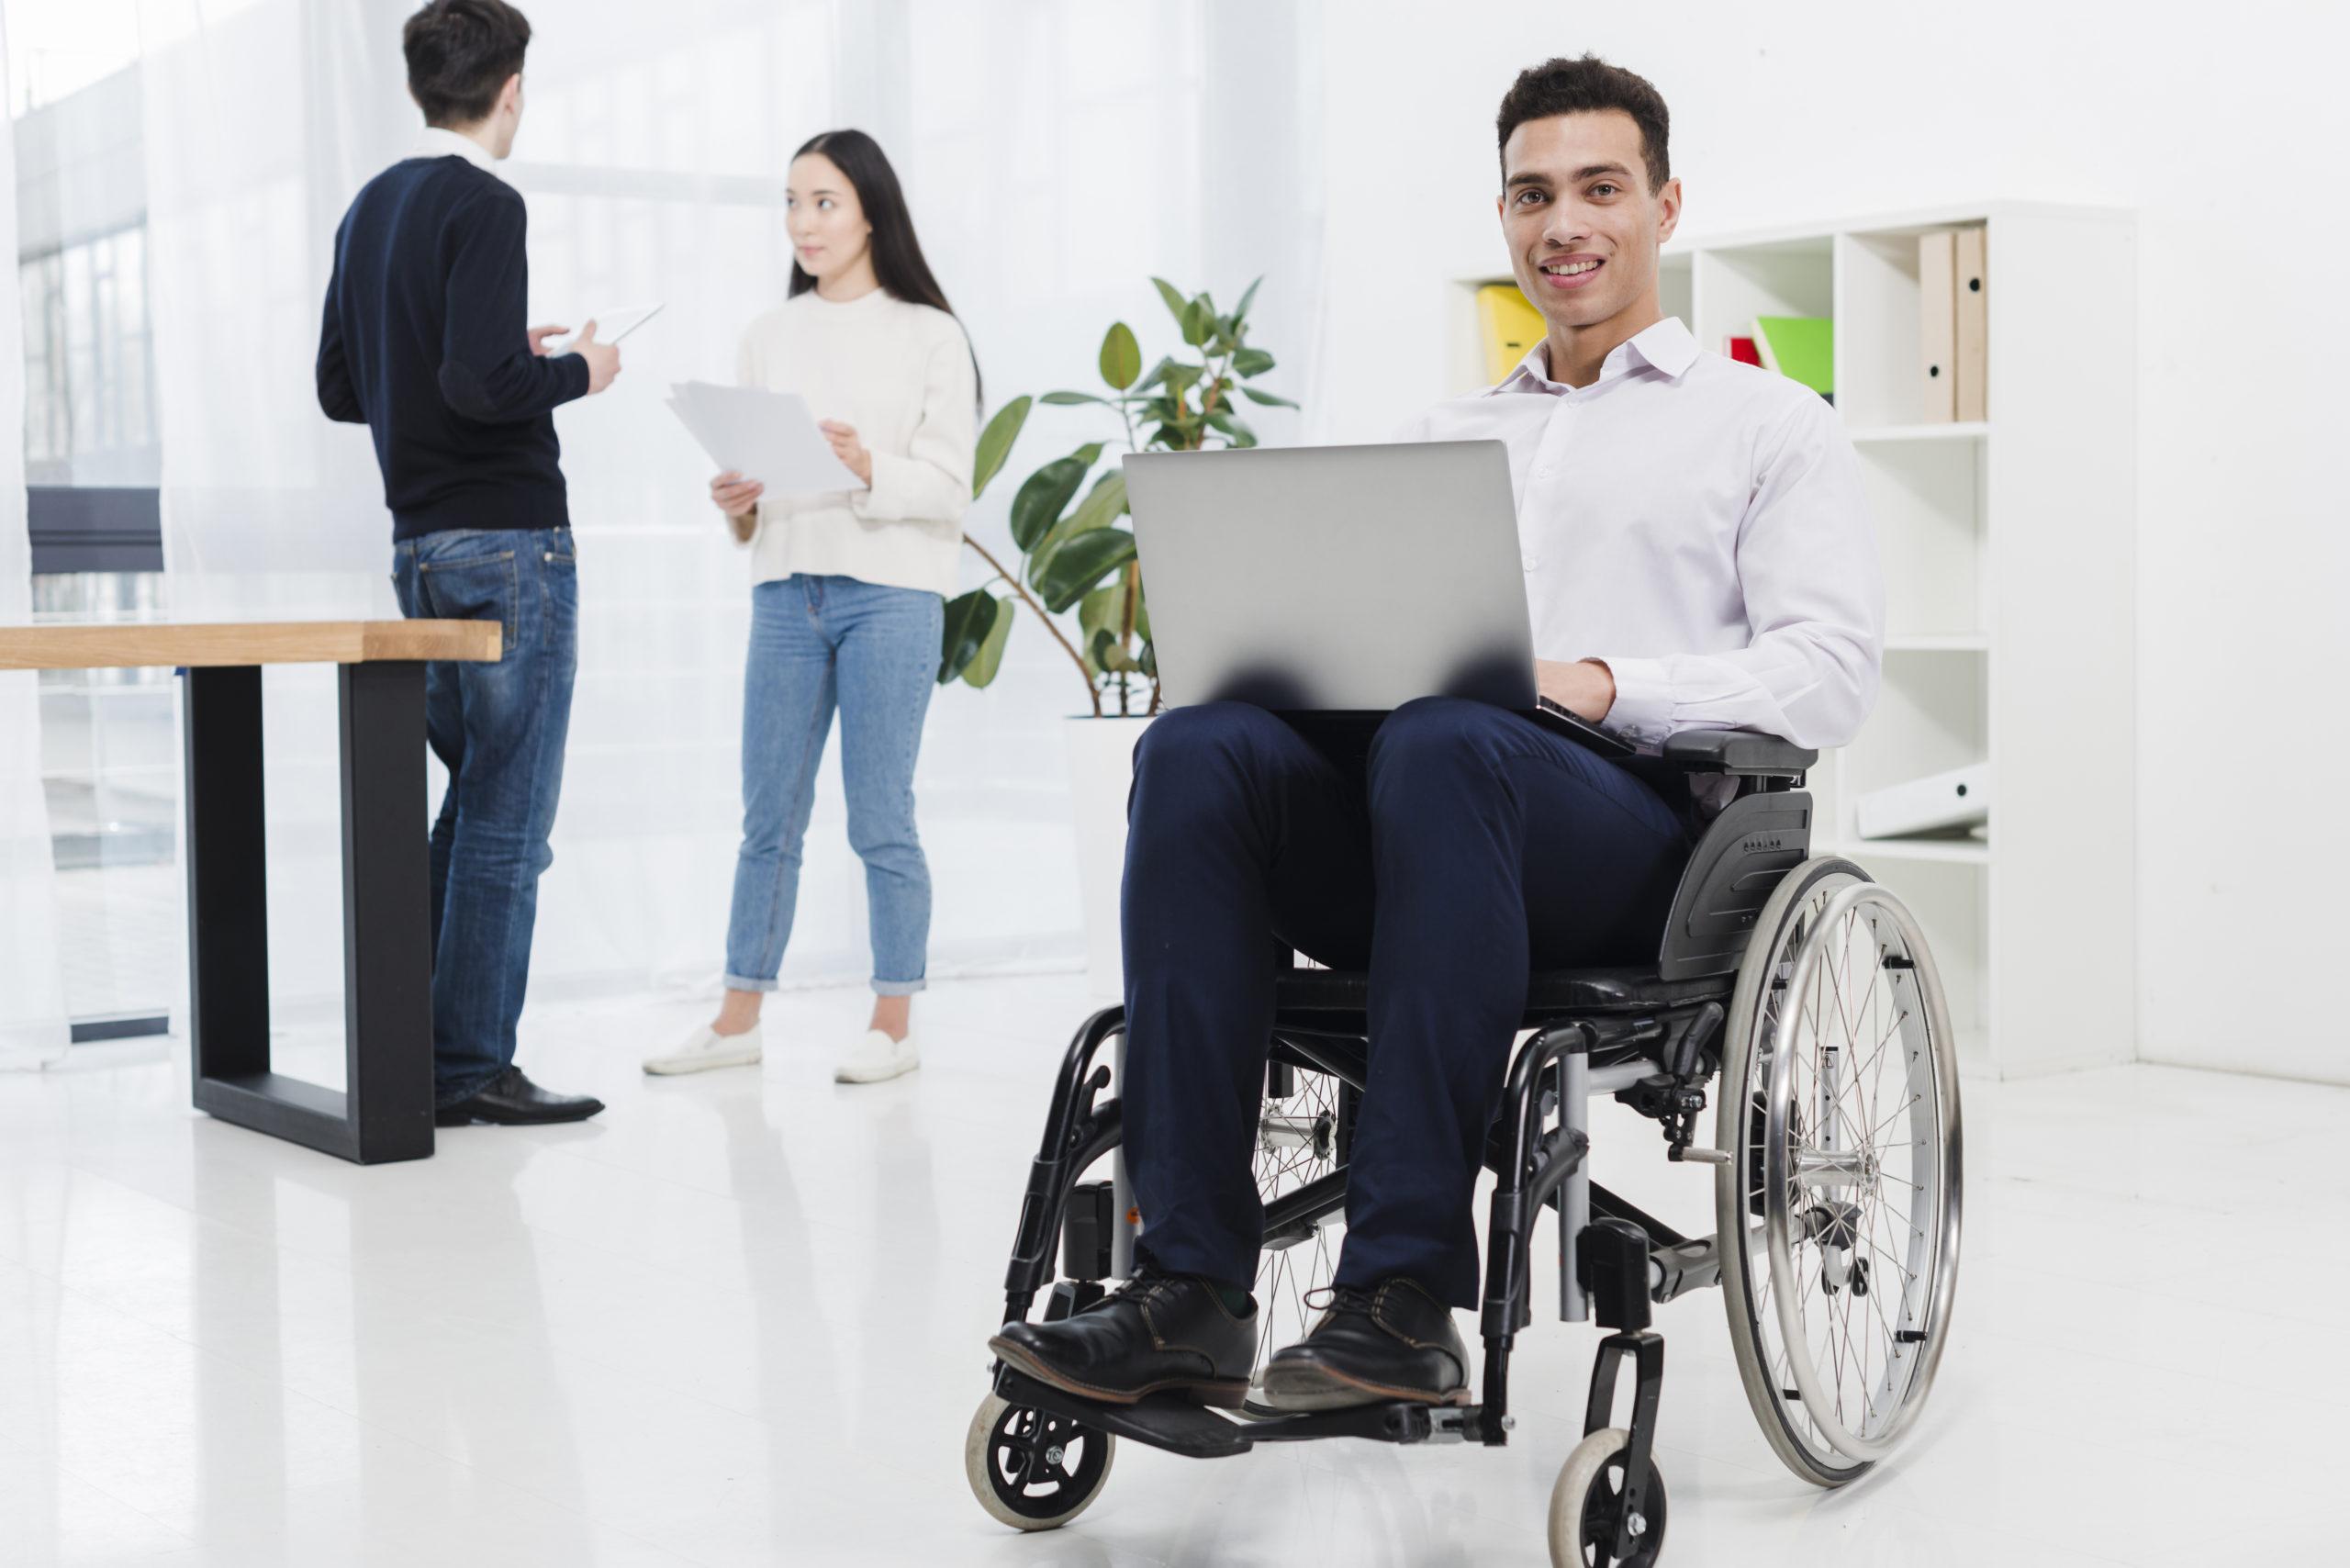 vagas de trabalho para pessoas com deficiência